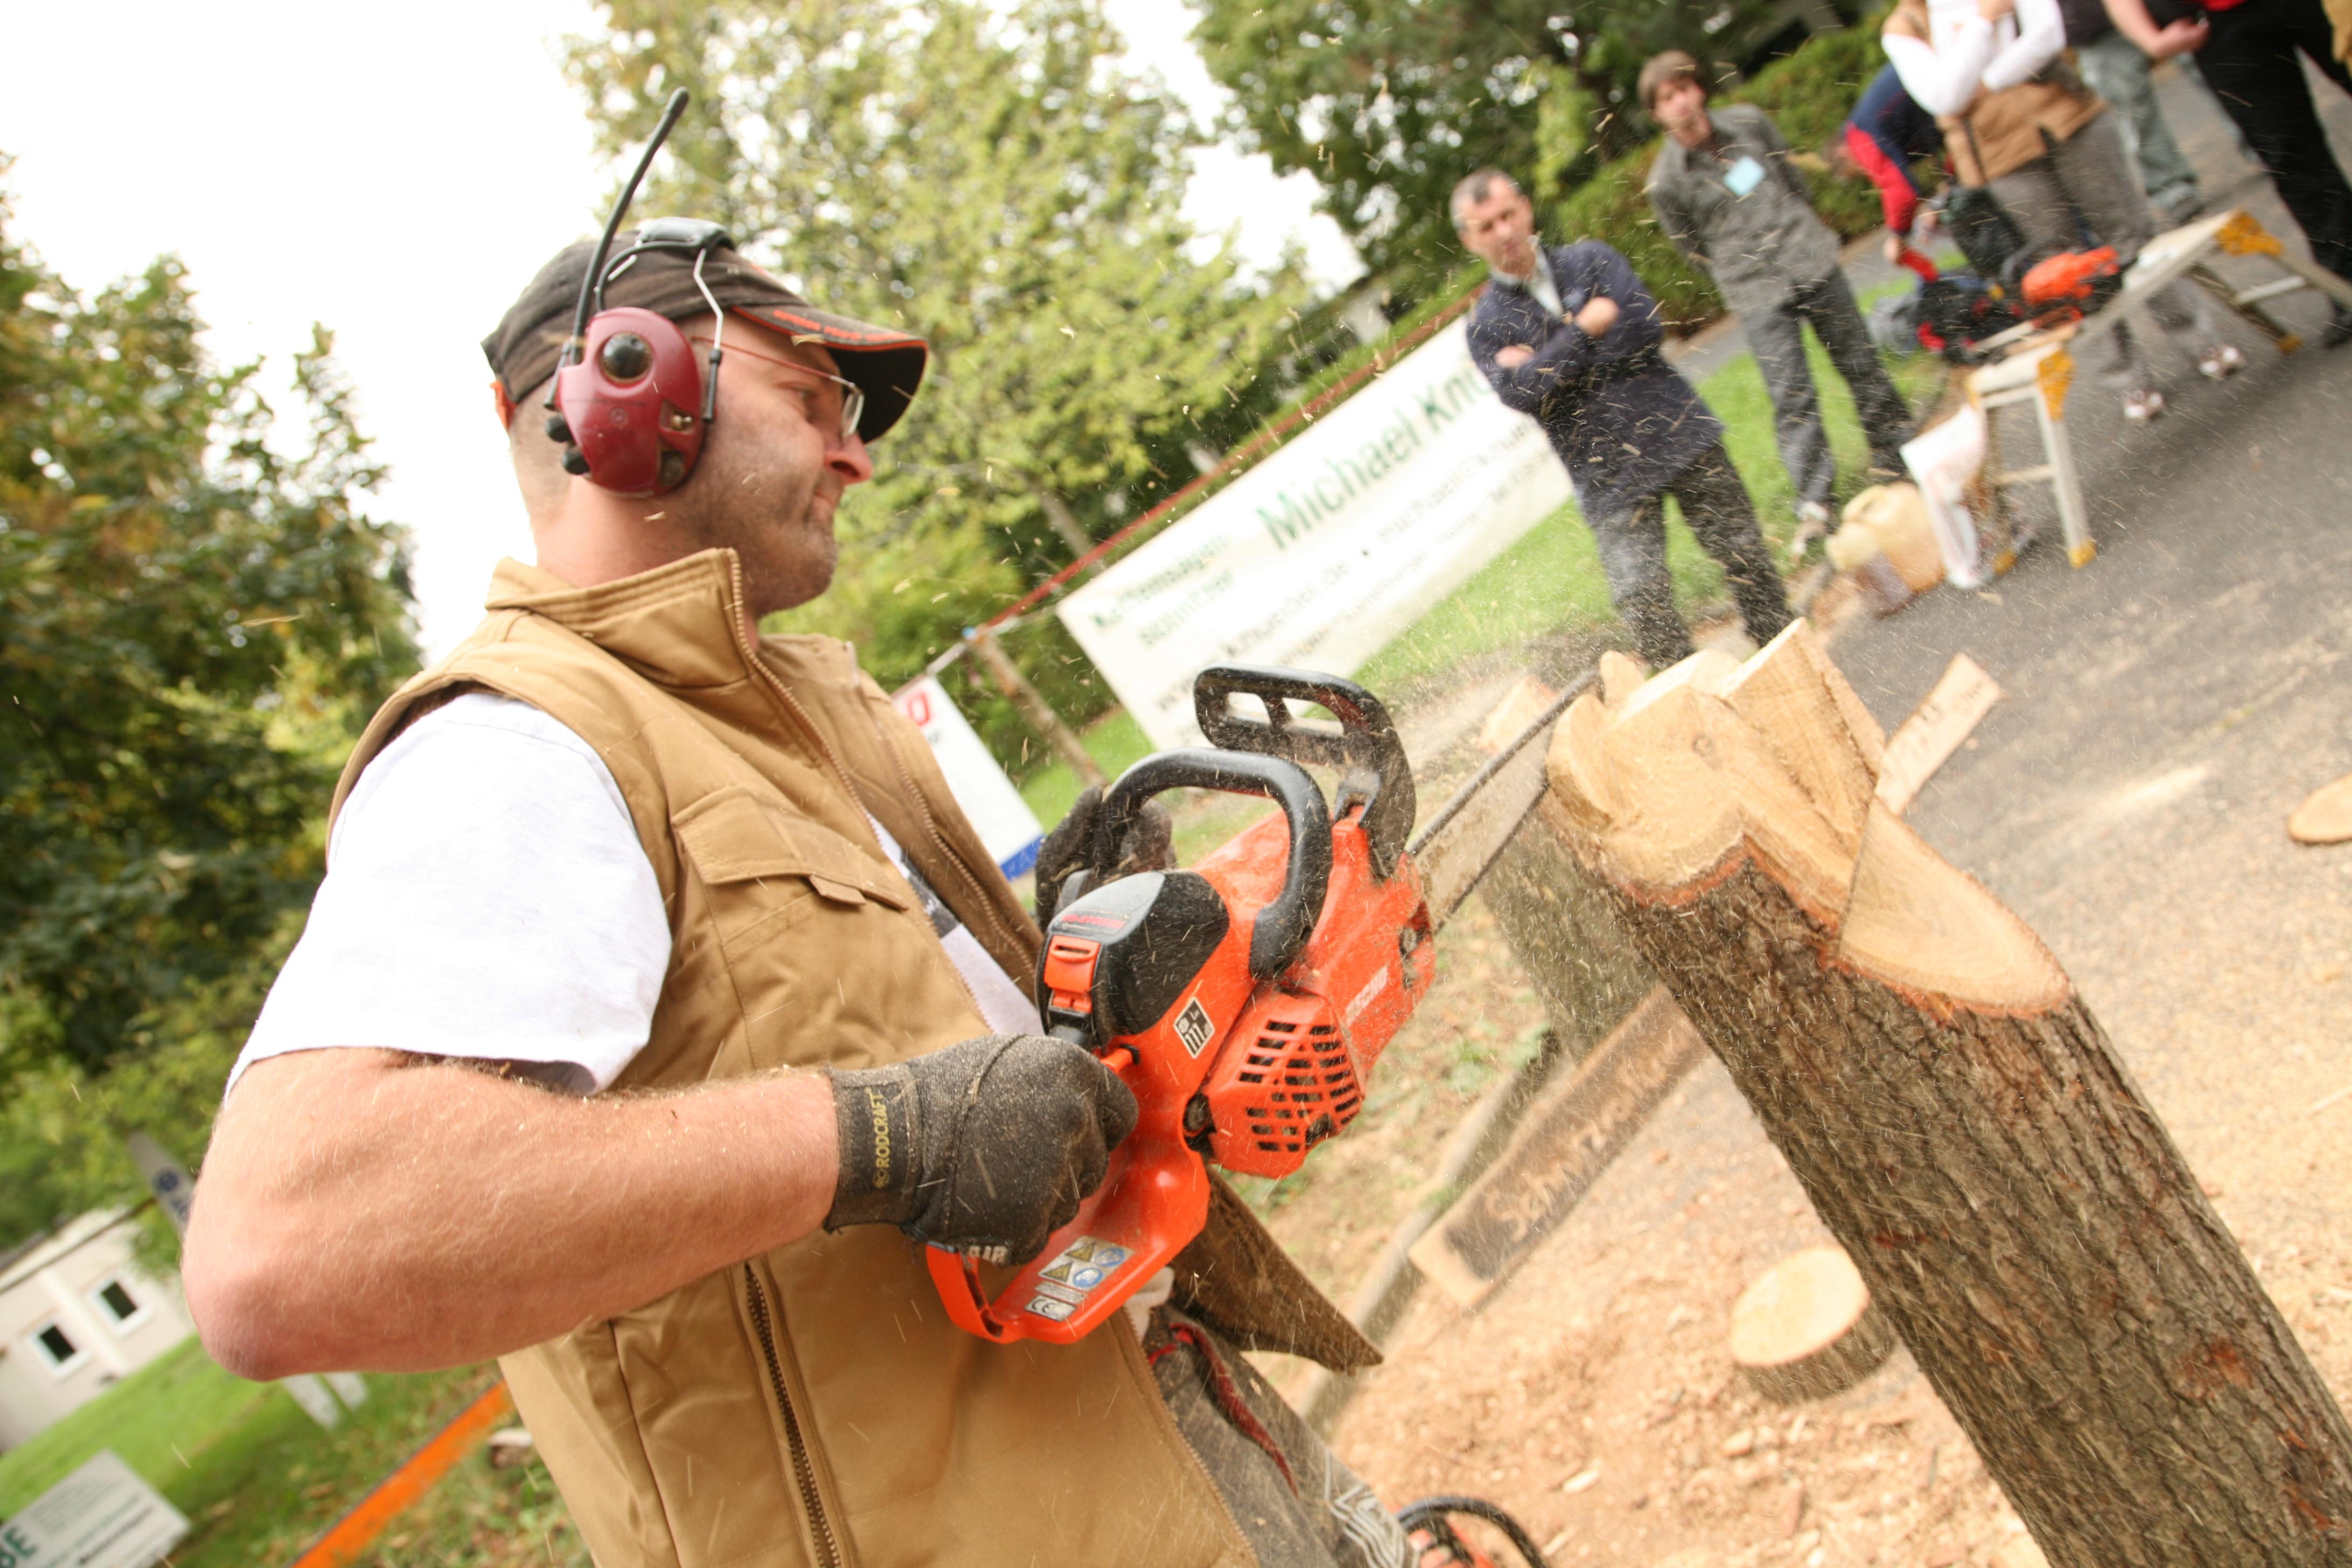 Kettensägen-Schnitzen auf der HolzWerken live